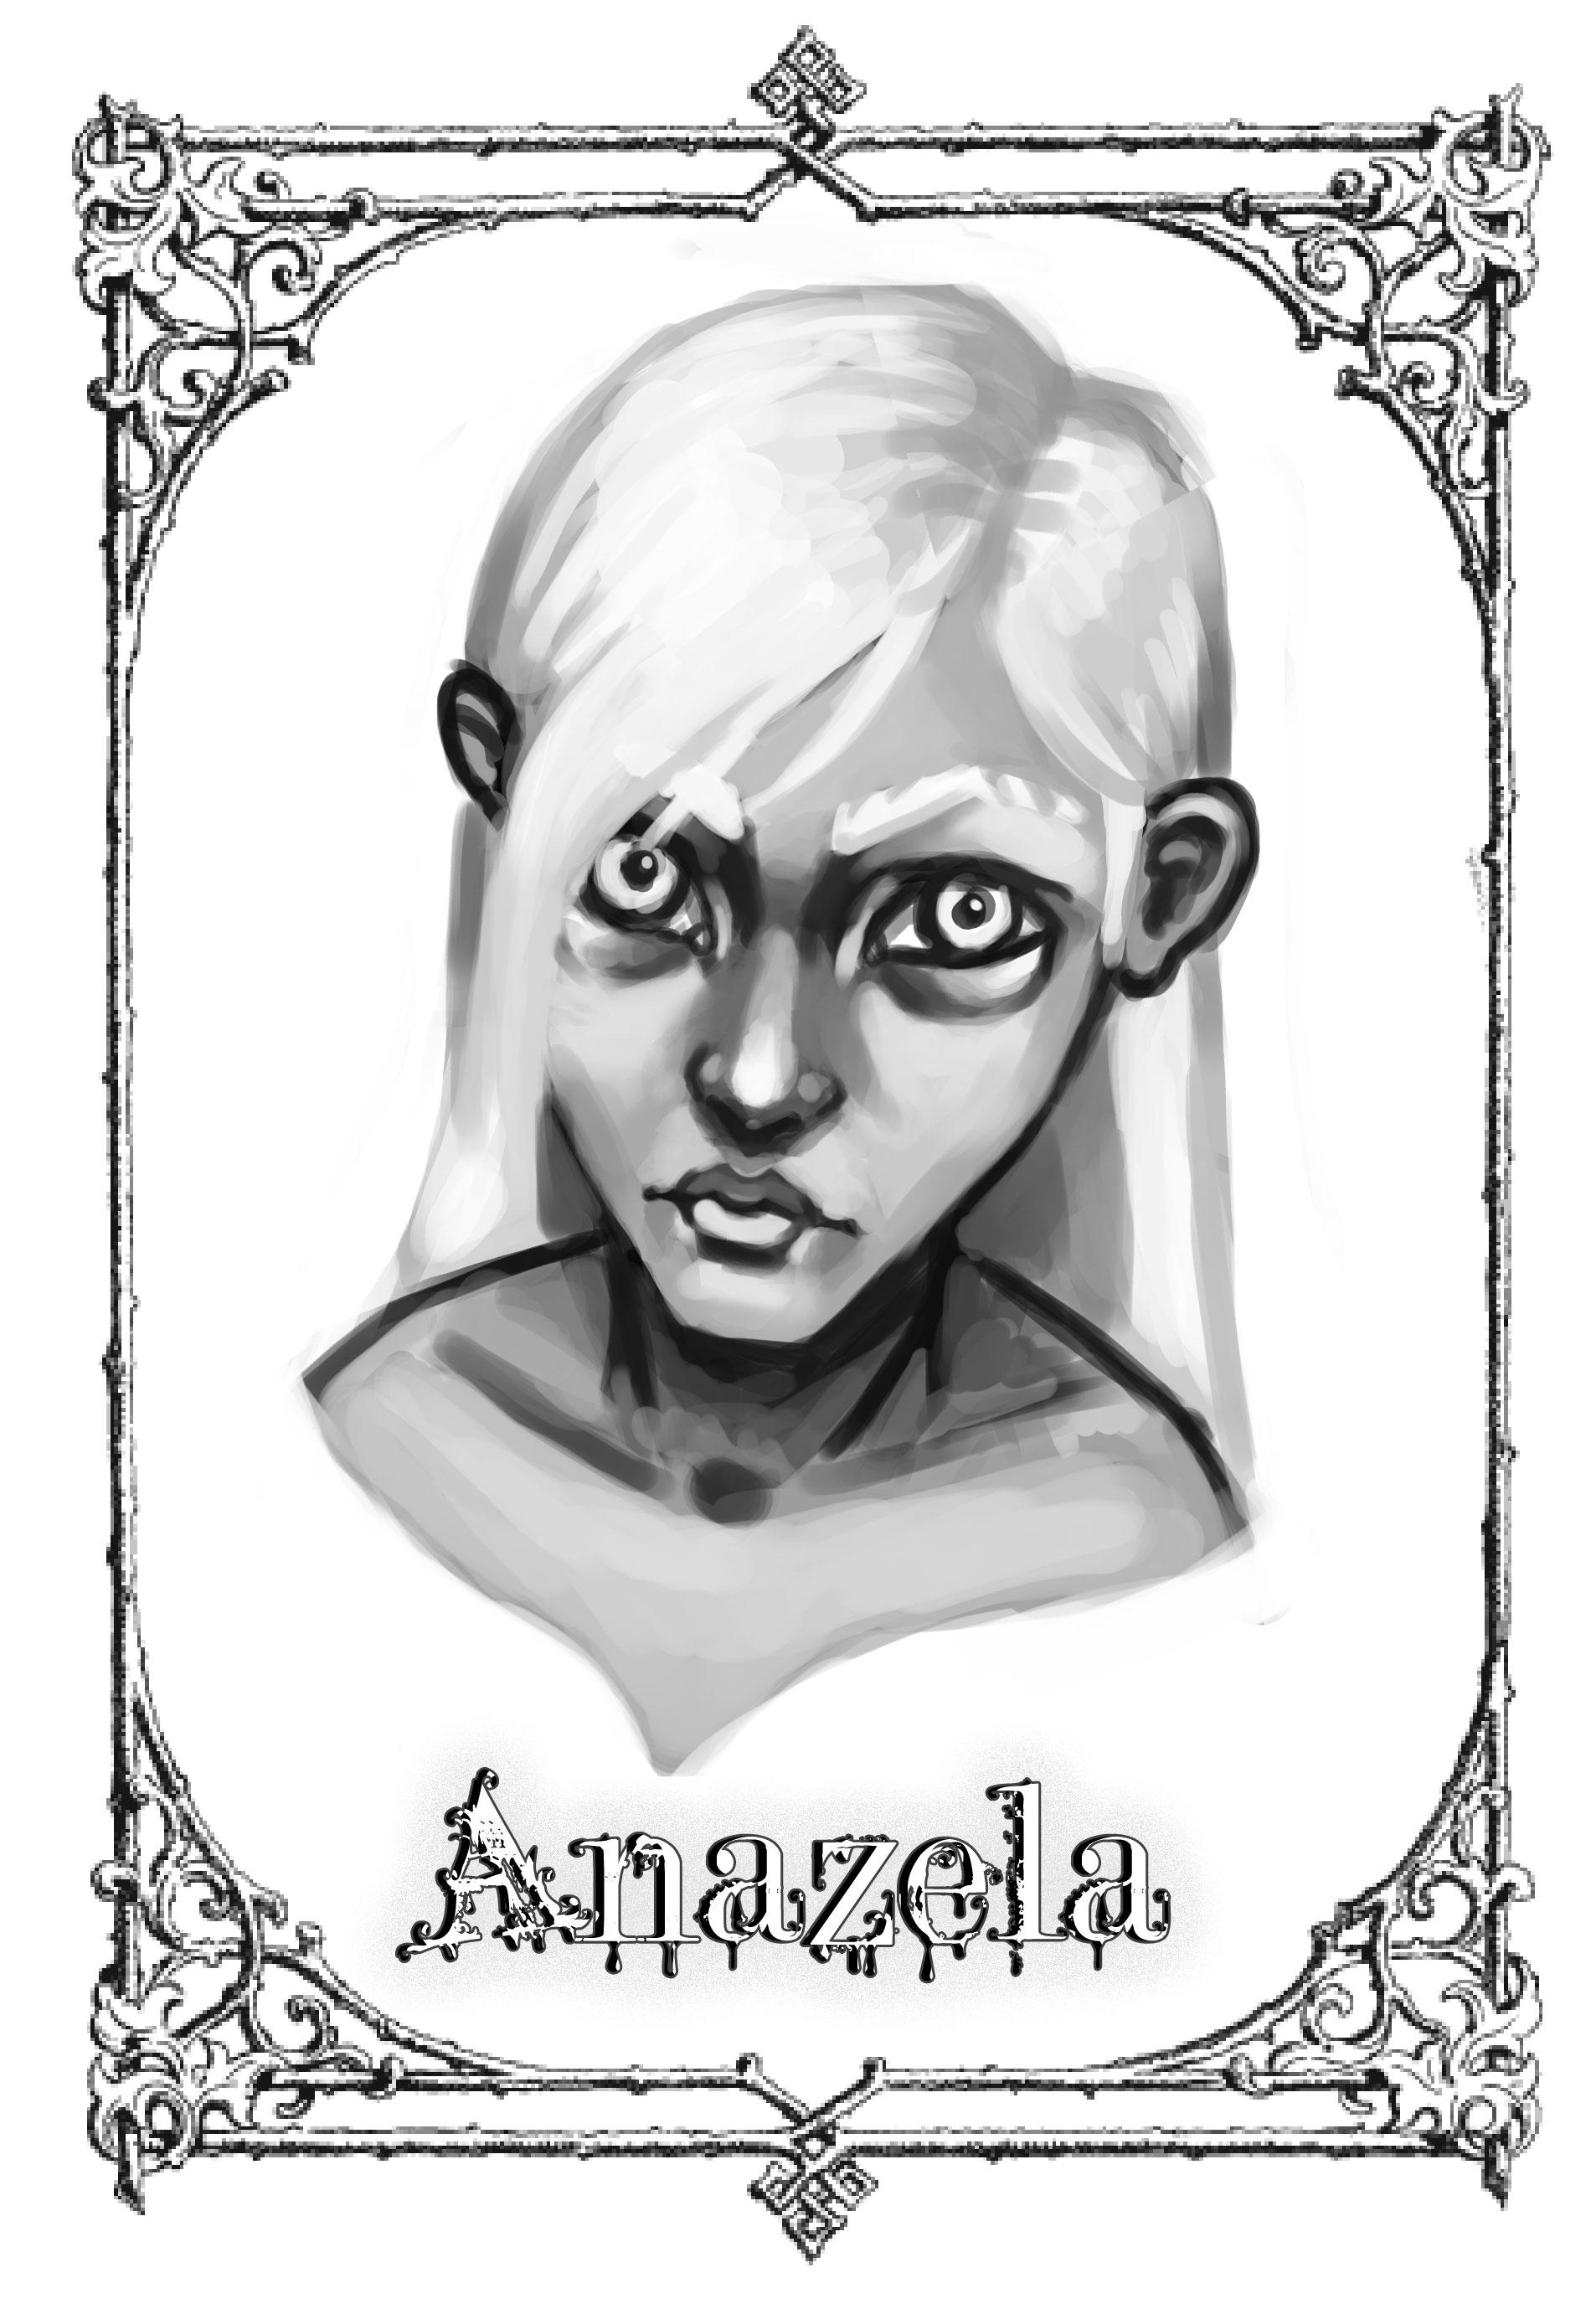 Anazela